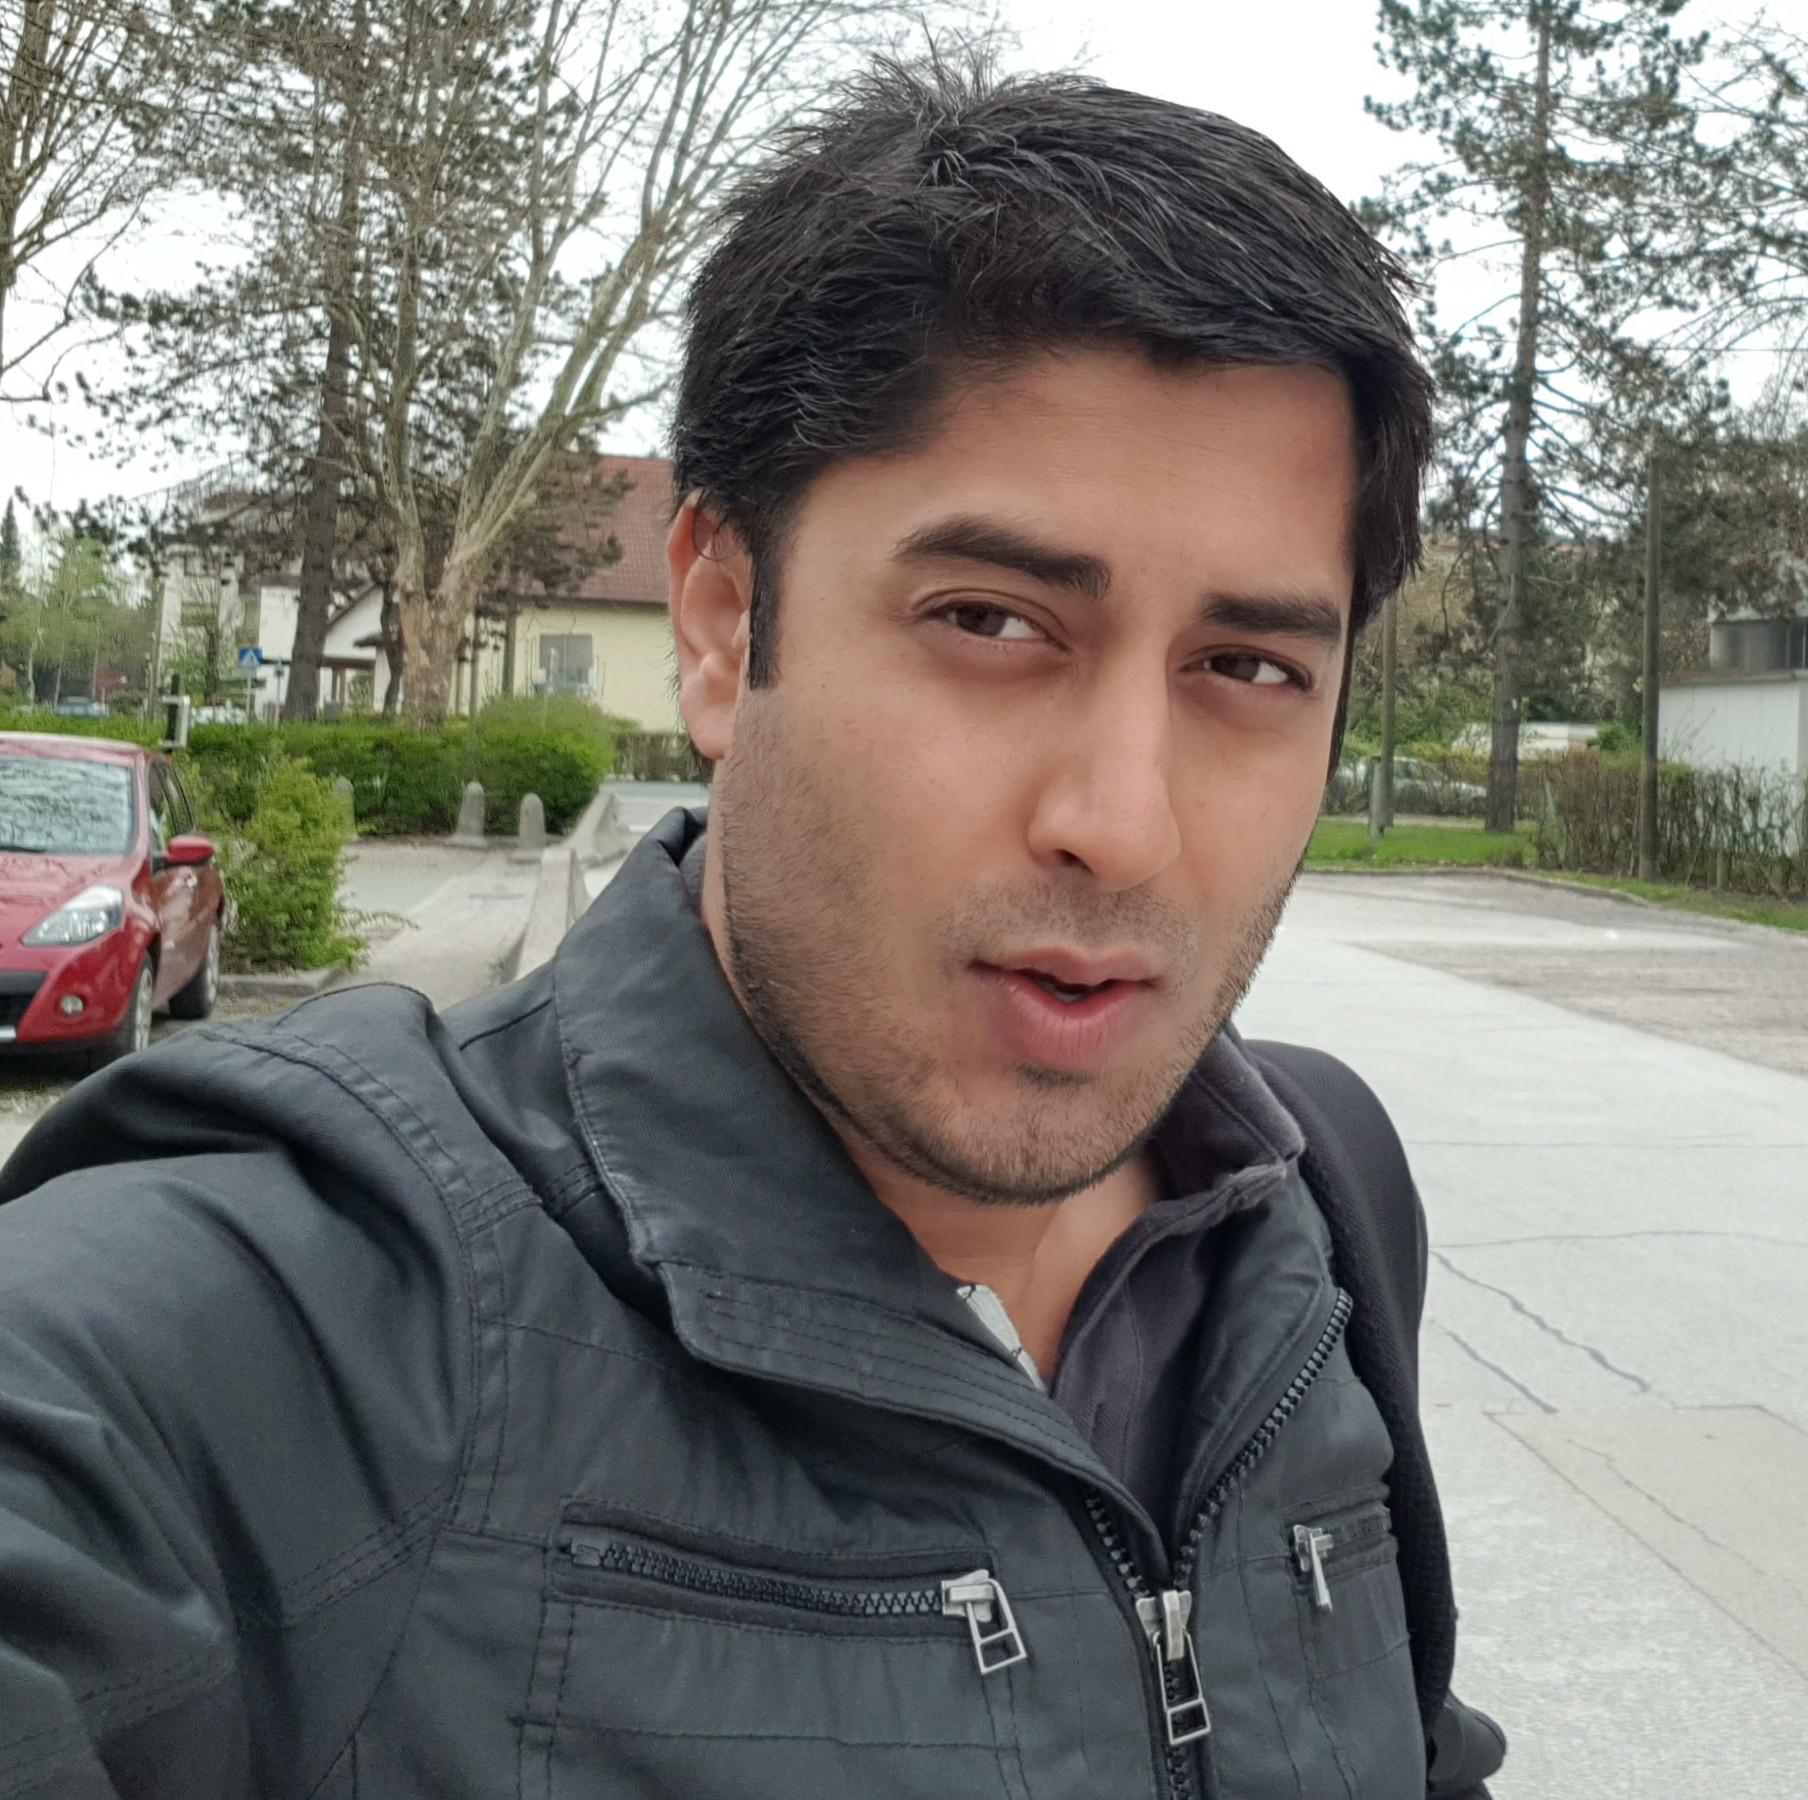 Nishant Saurabh